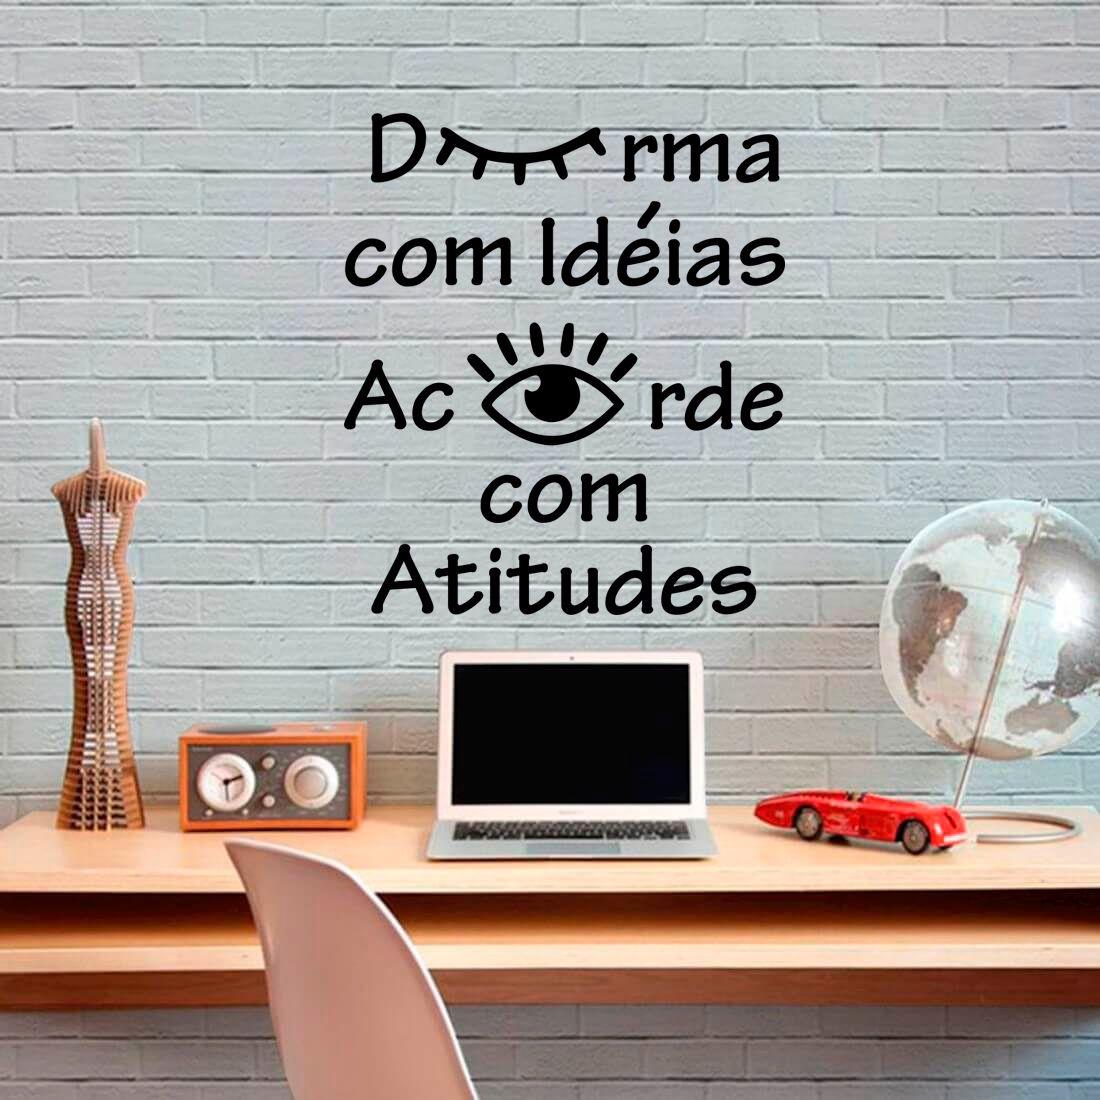 Adesivo Decorativo Durma com idéias, acorde com atitudes